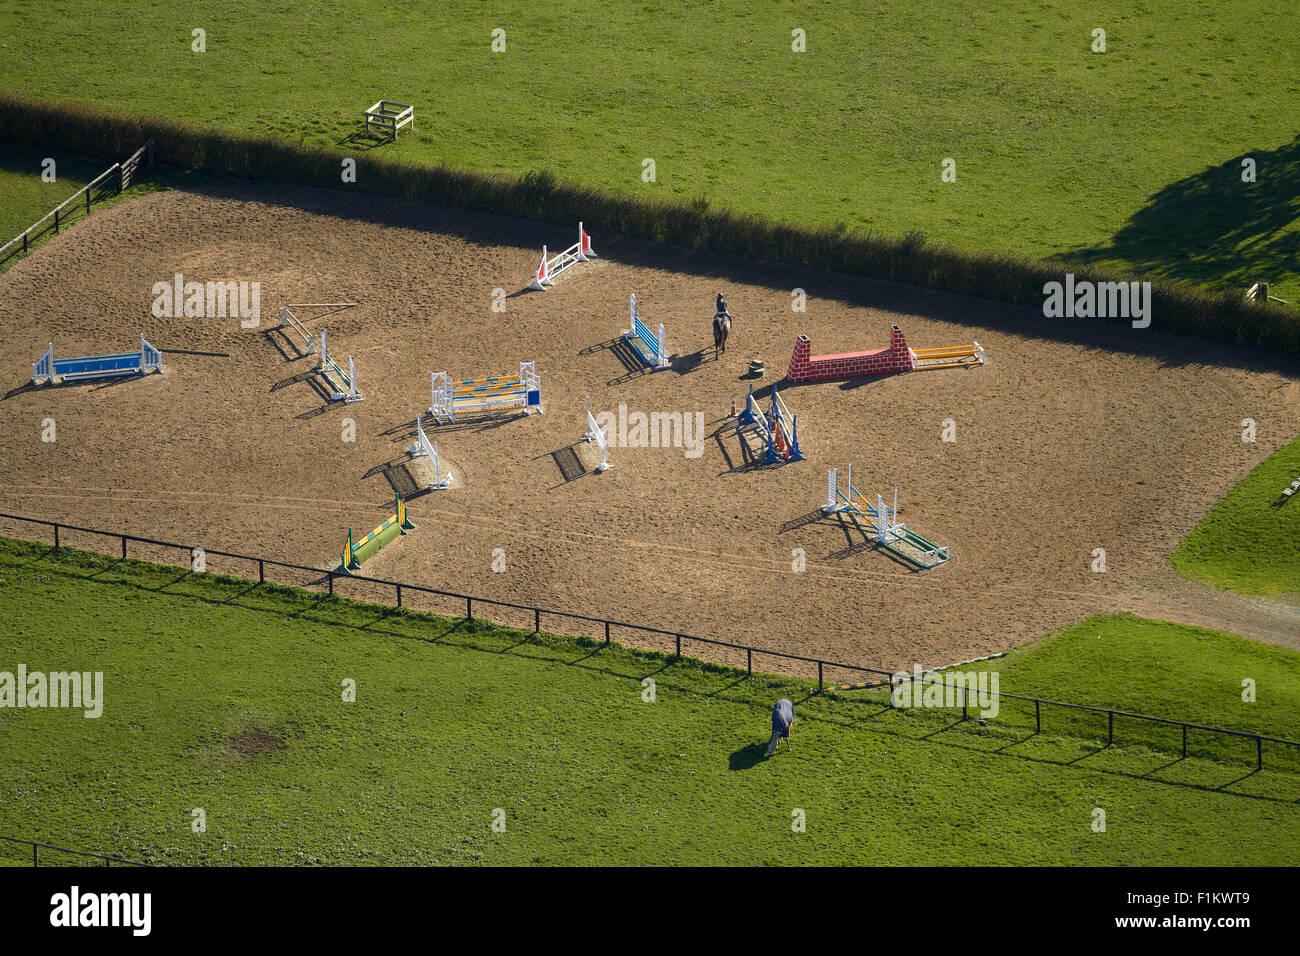 Jinete y caballo en show jumping supuesto, Ardmore, al sur de Auckland, North Island, Nueva Zelanda - antena Imagen De Stock